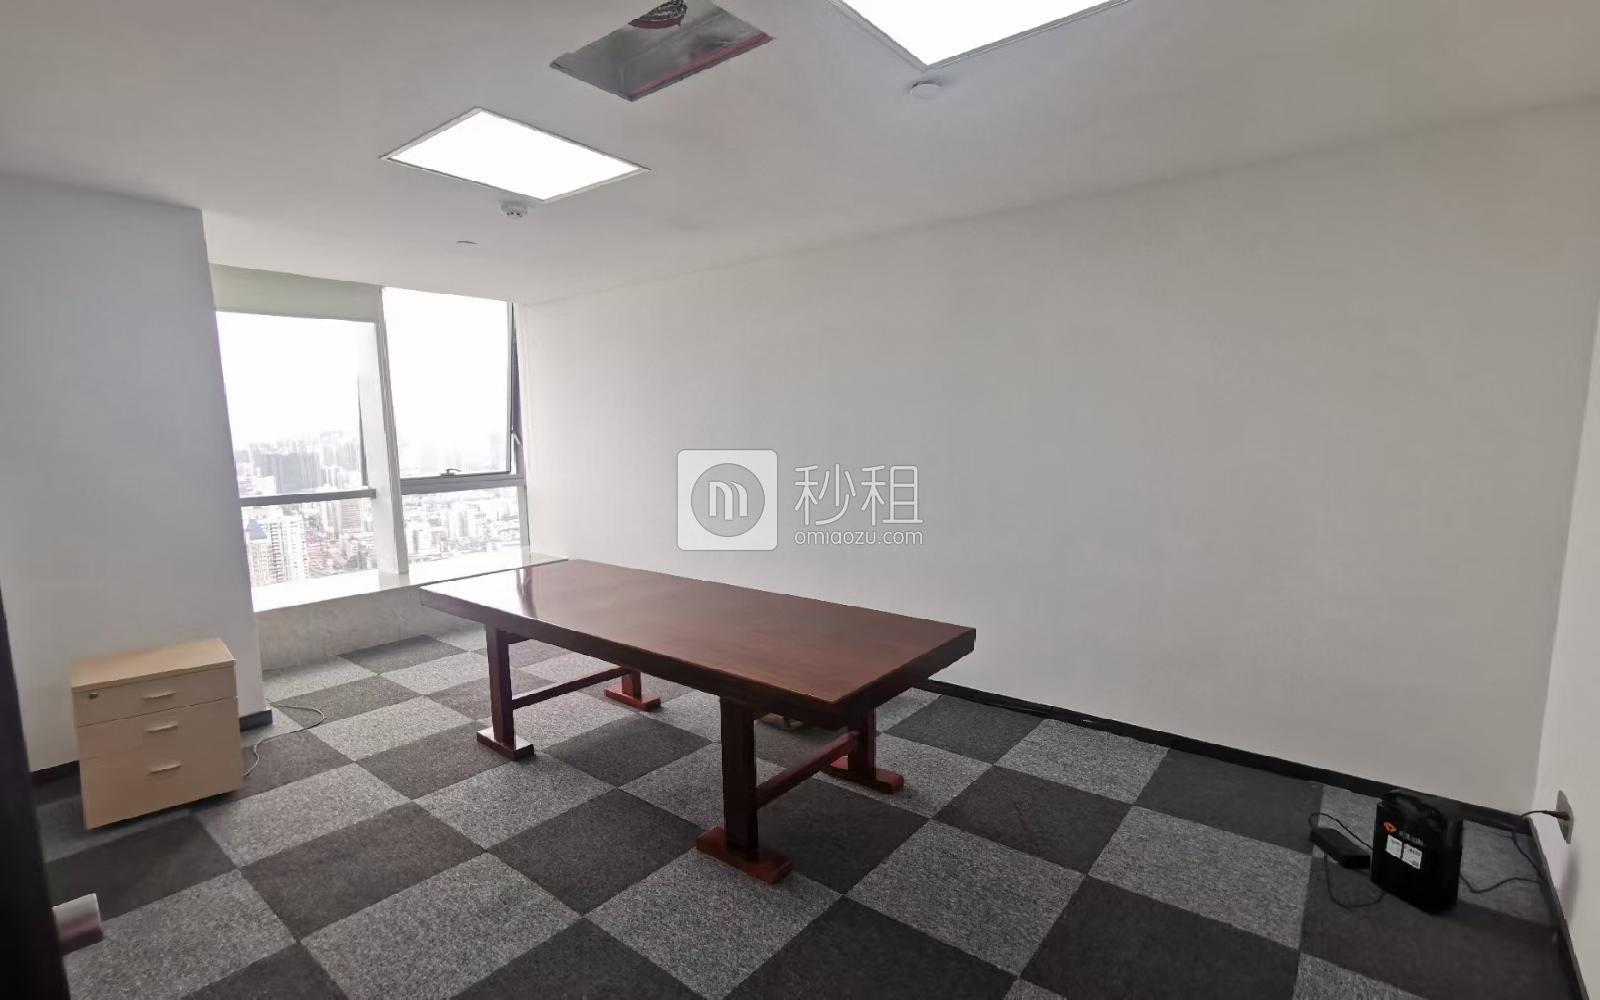 南山-南头 田厦国际中心(田厦金牛广场) 200m²